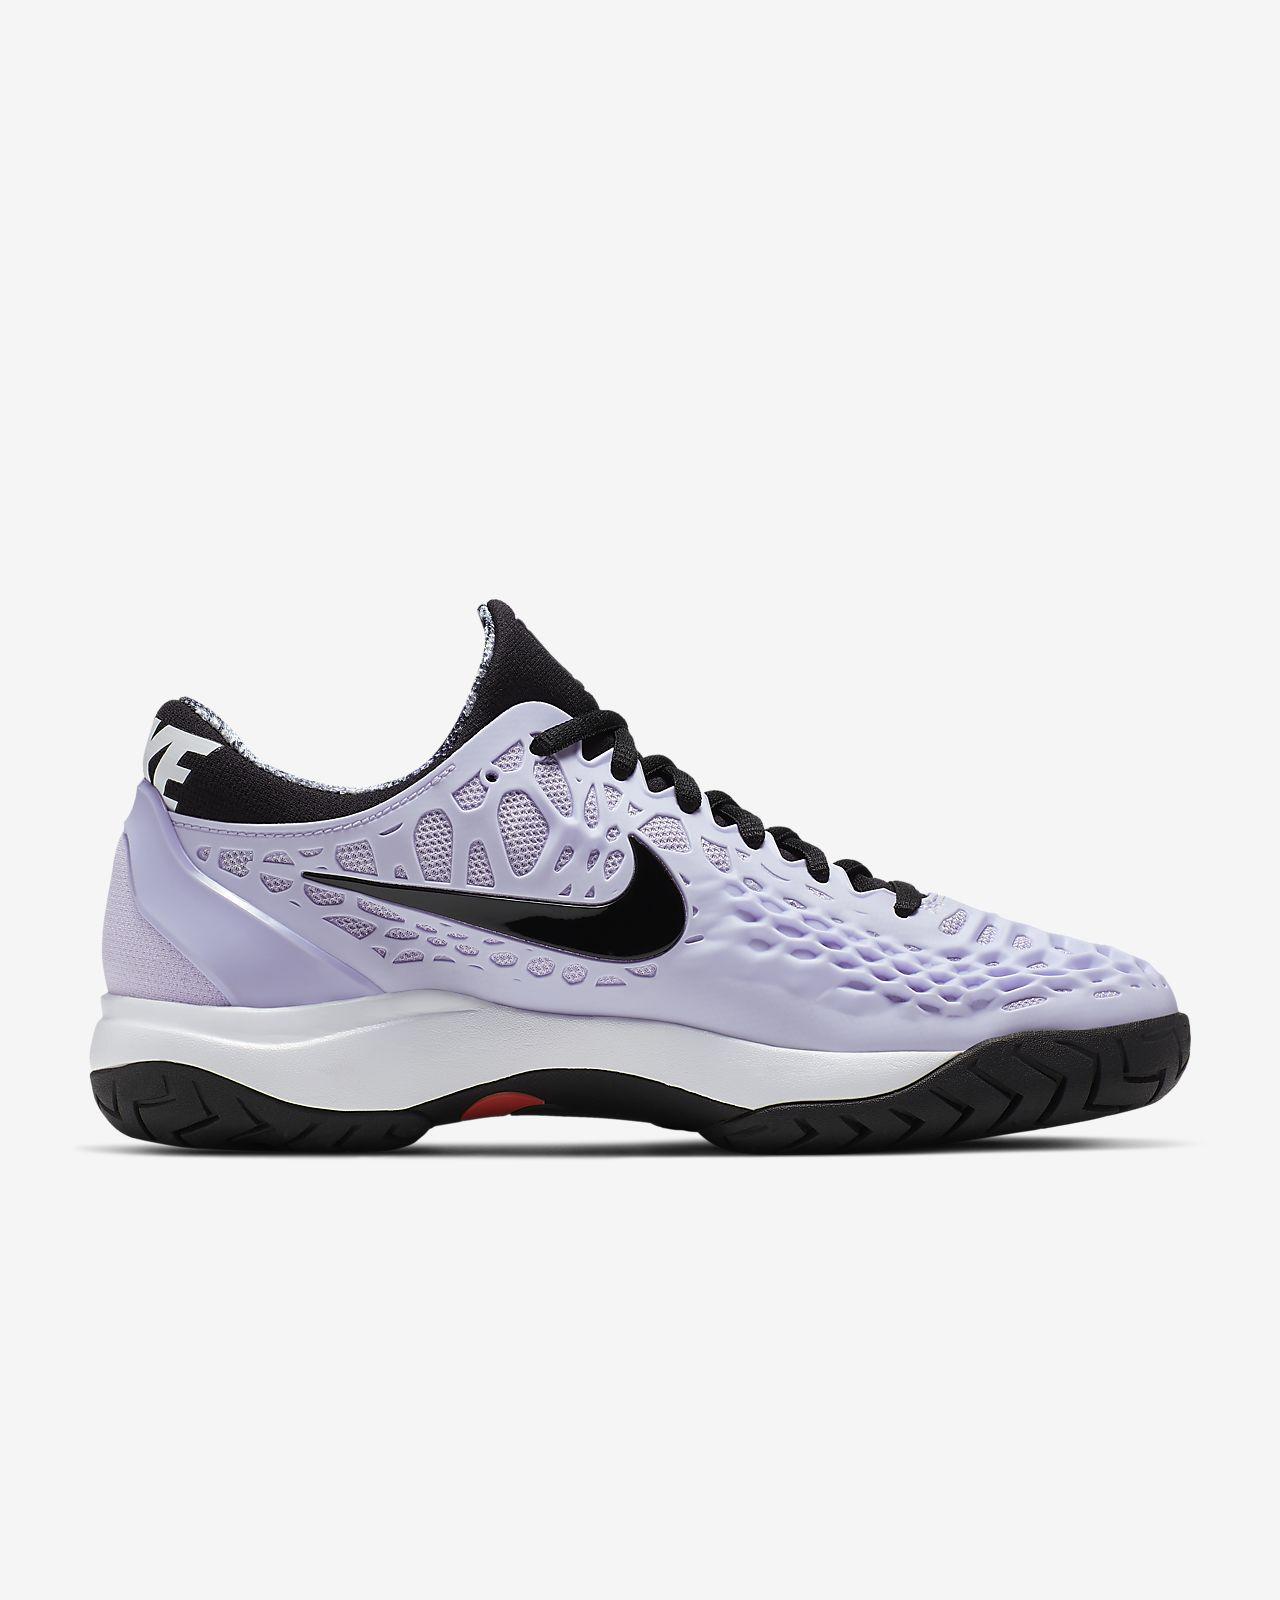 best website bac2c f44f7 ... Chaussure de tennis pour surface dure NikeCourt Zoom Cage 3 pour Femme